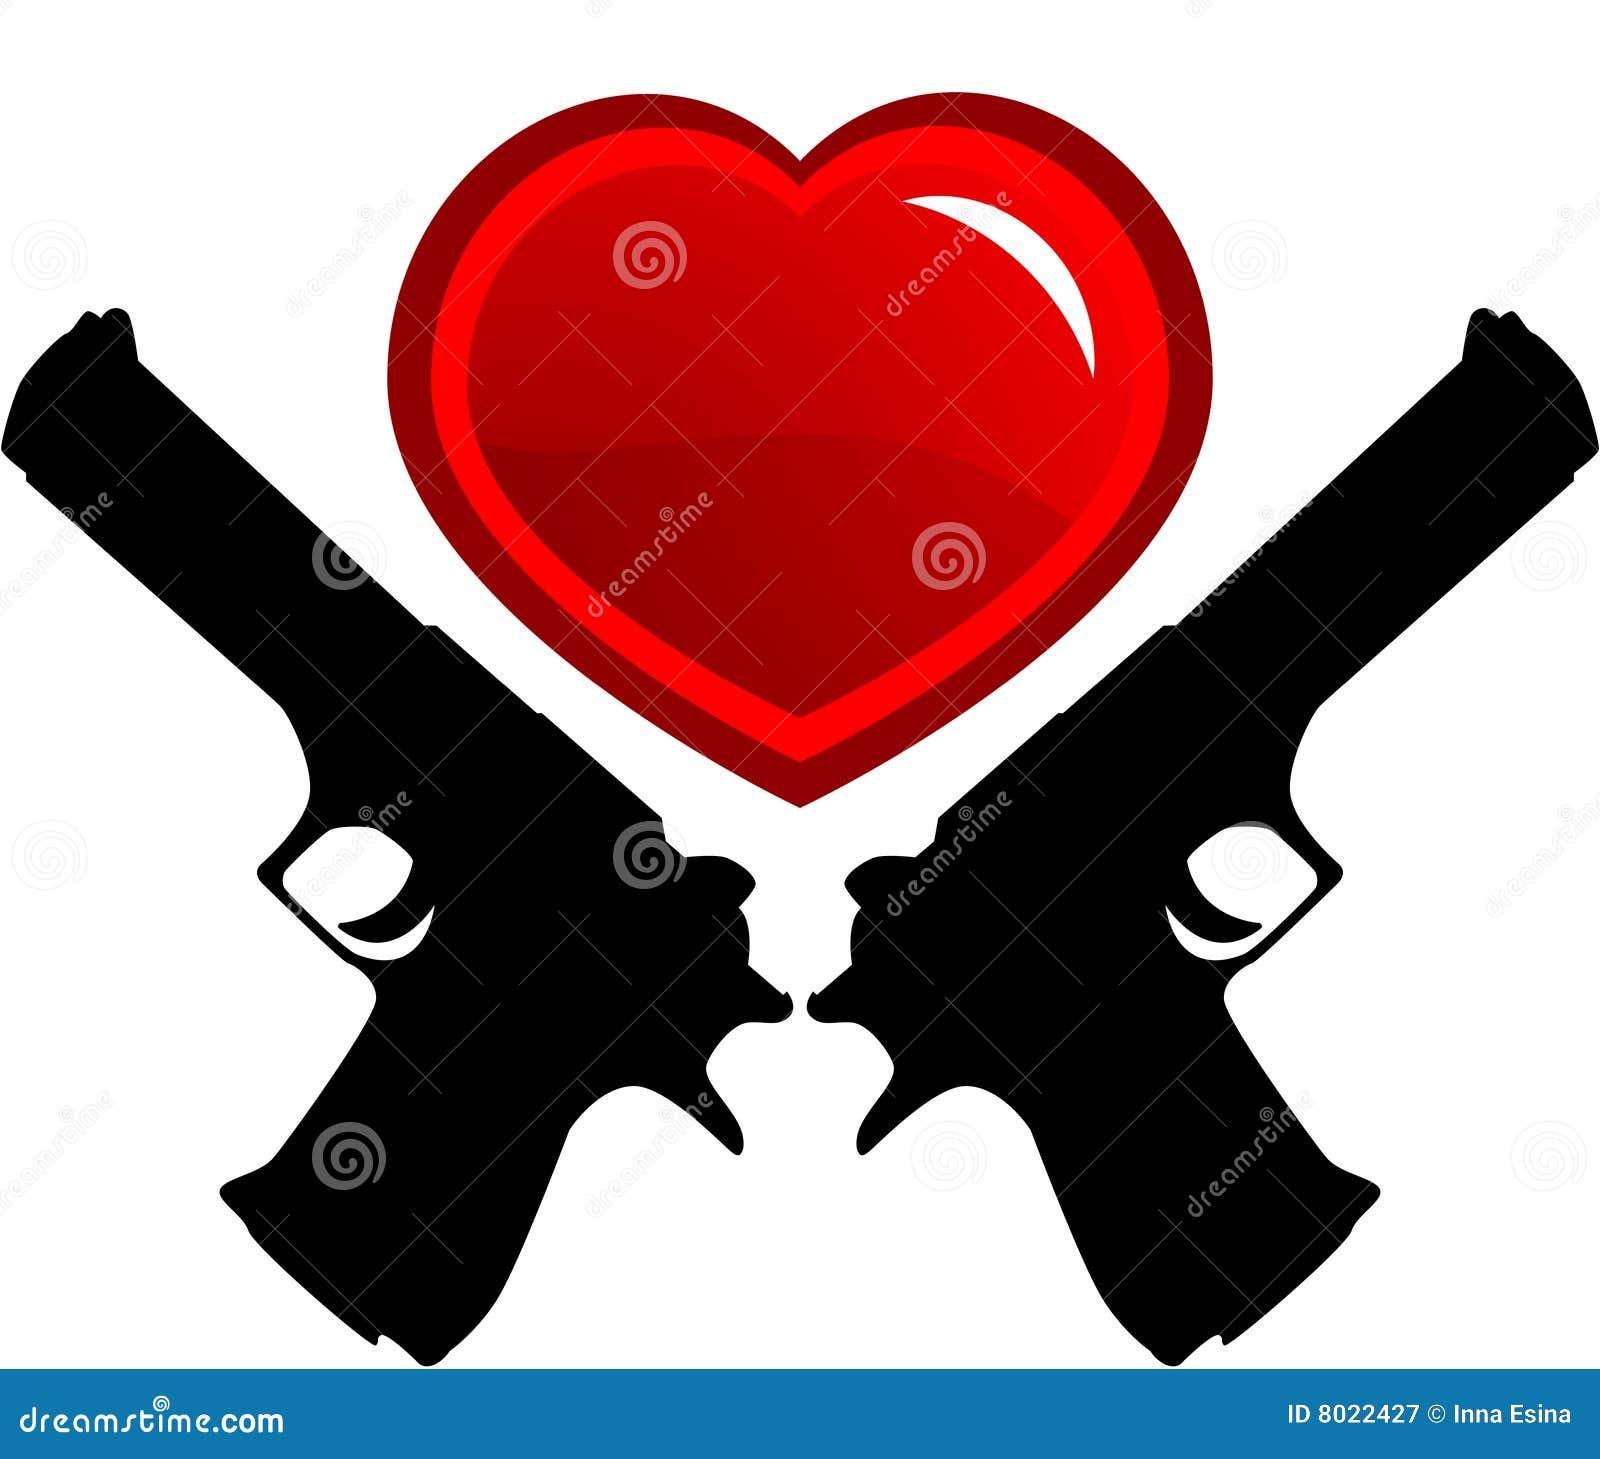 dangerous love stock vector. illustration of friendship - 8022427